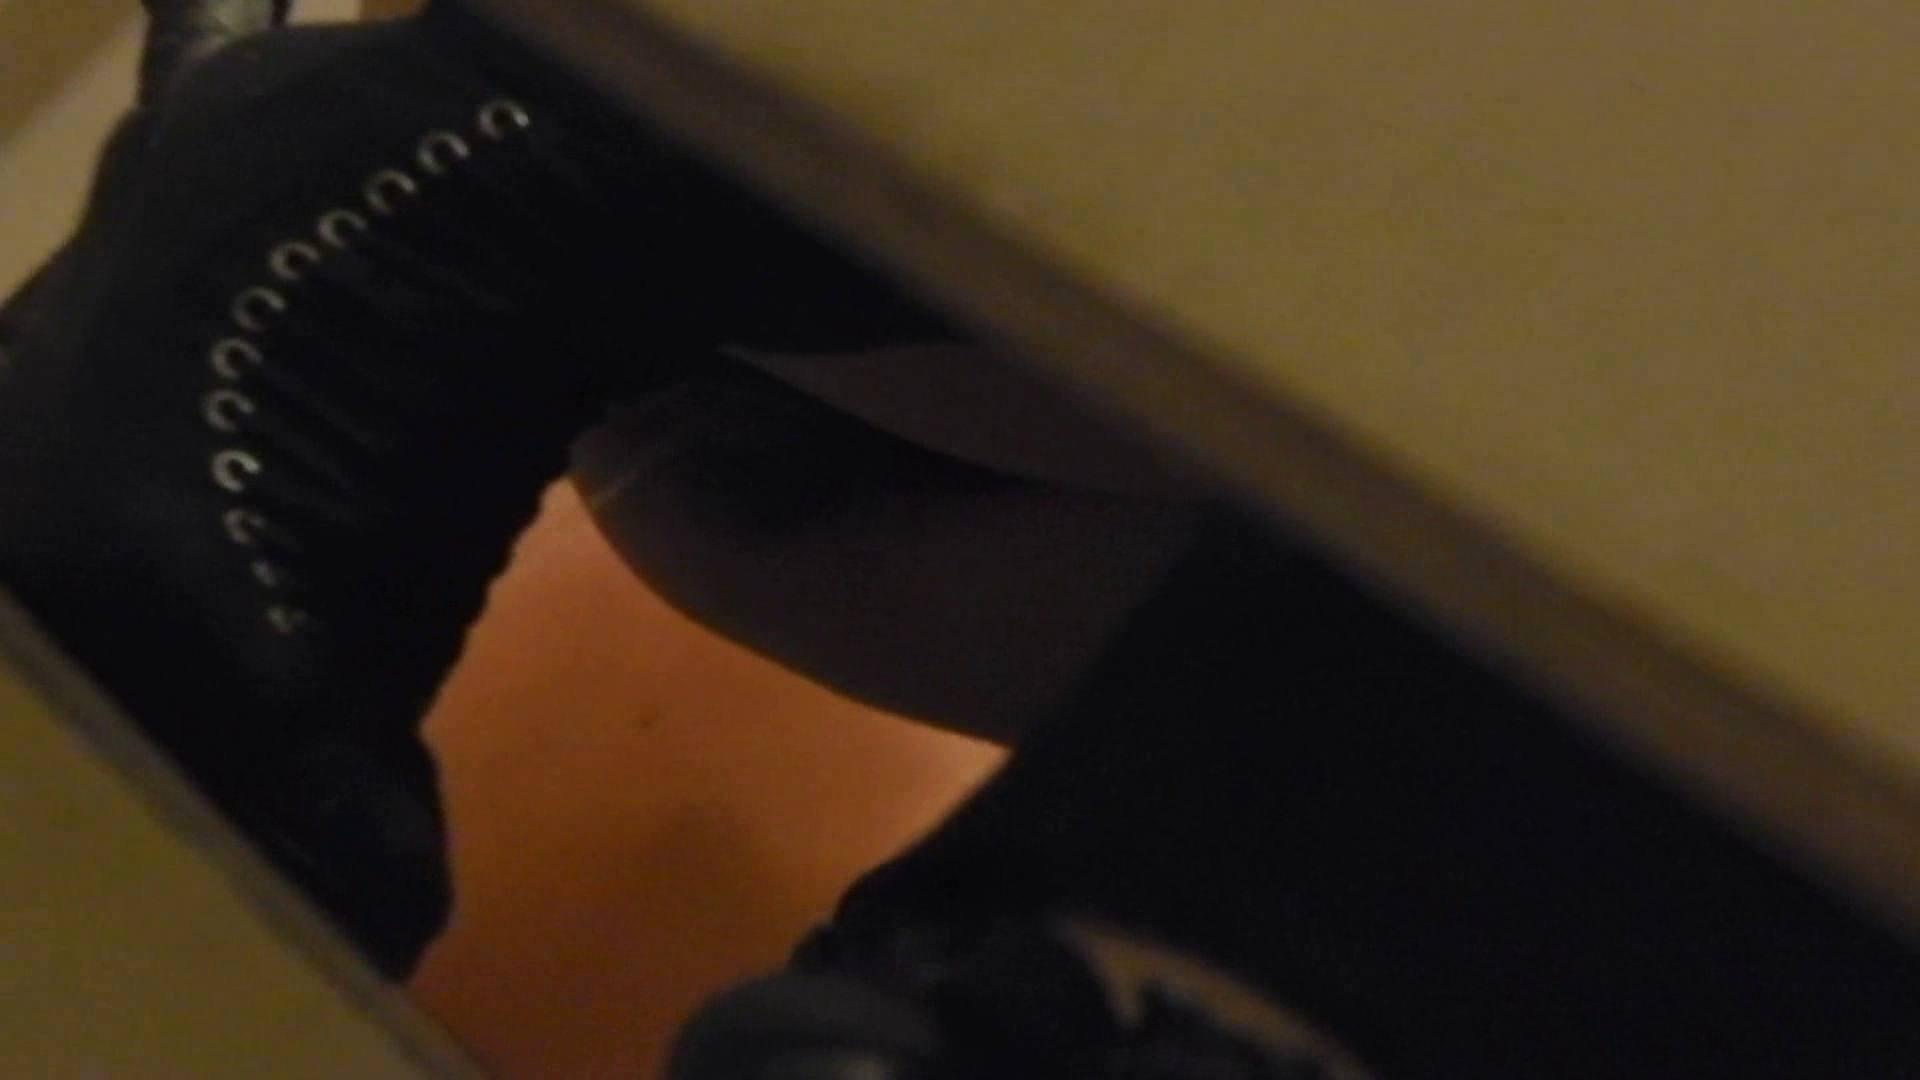 世界の射窓から vol.16 高画質 ヌード画像 102画像 4